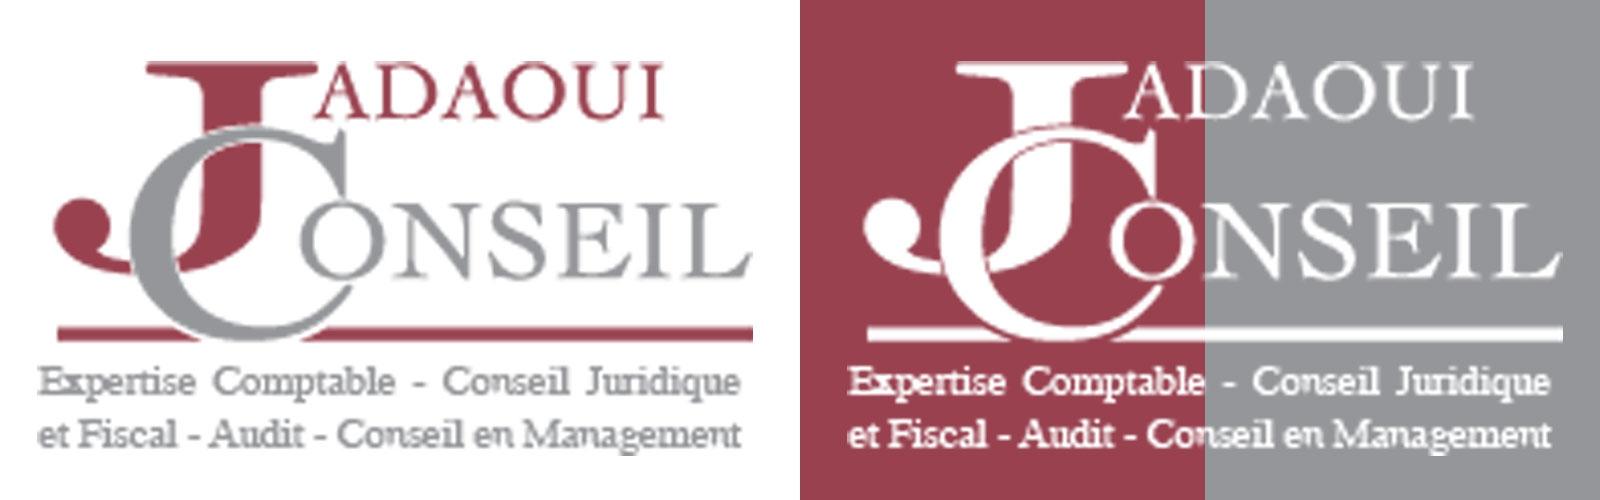 Création de Logo Jadaoui Conseil